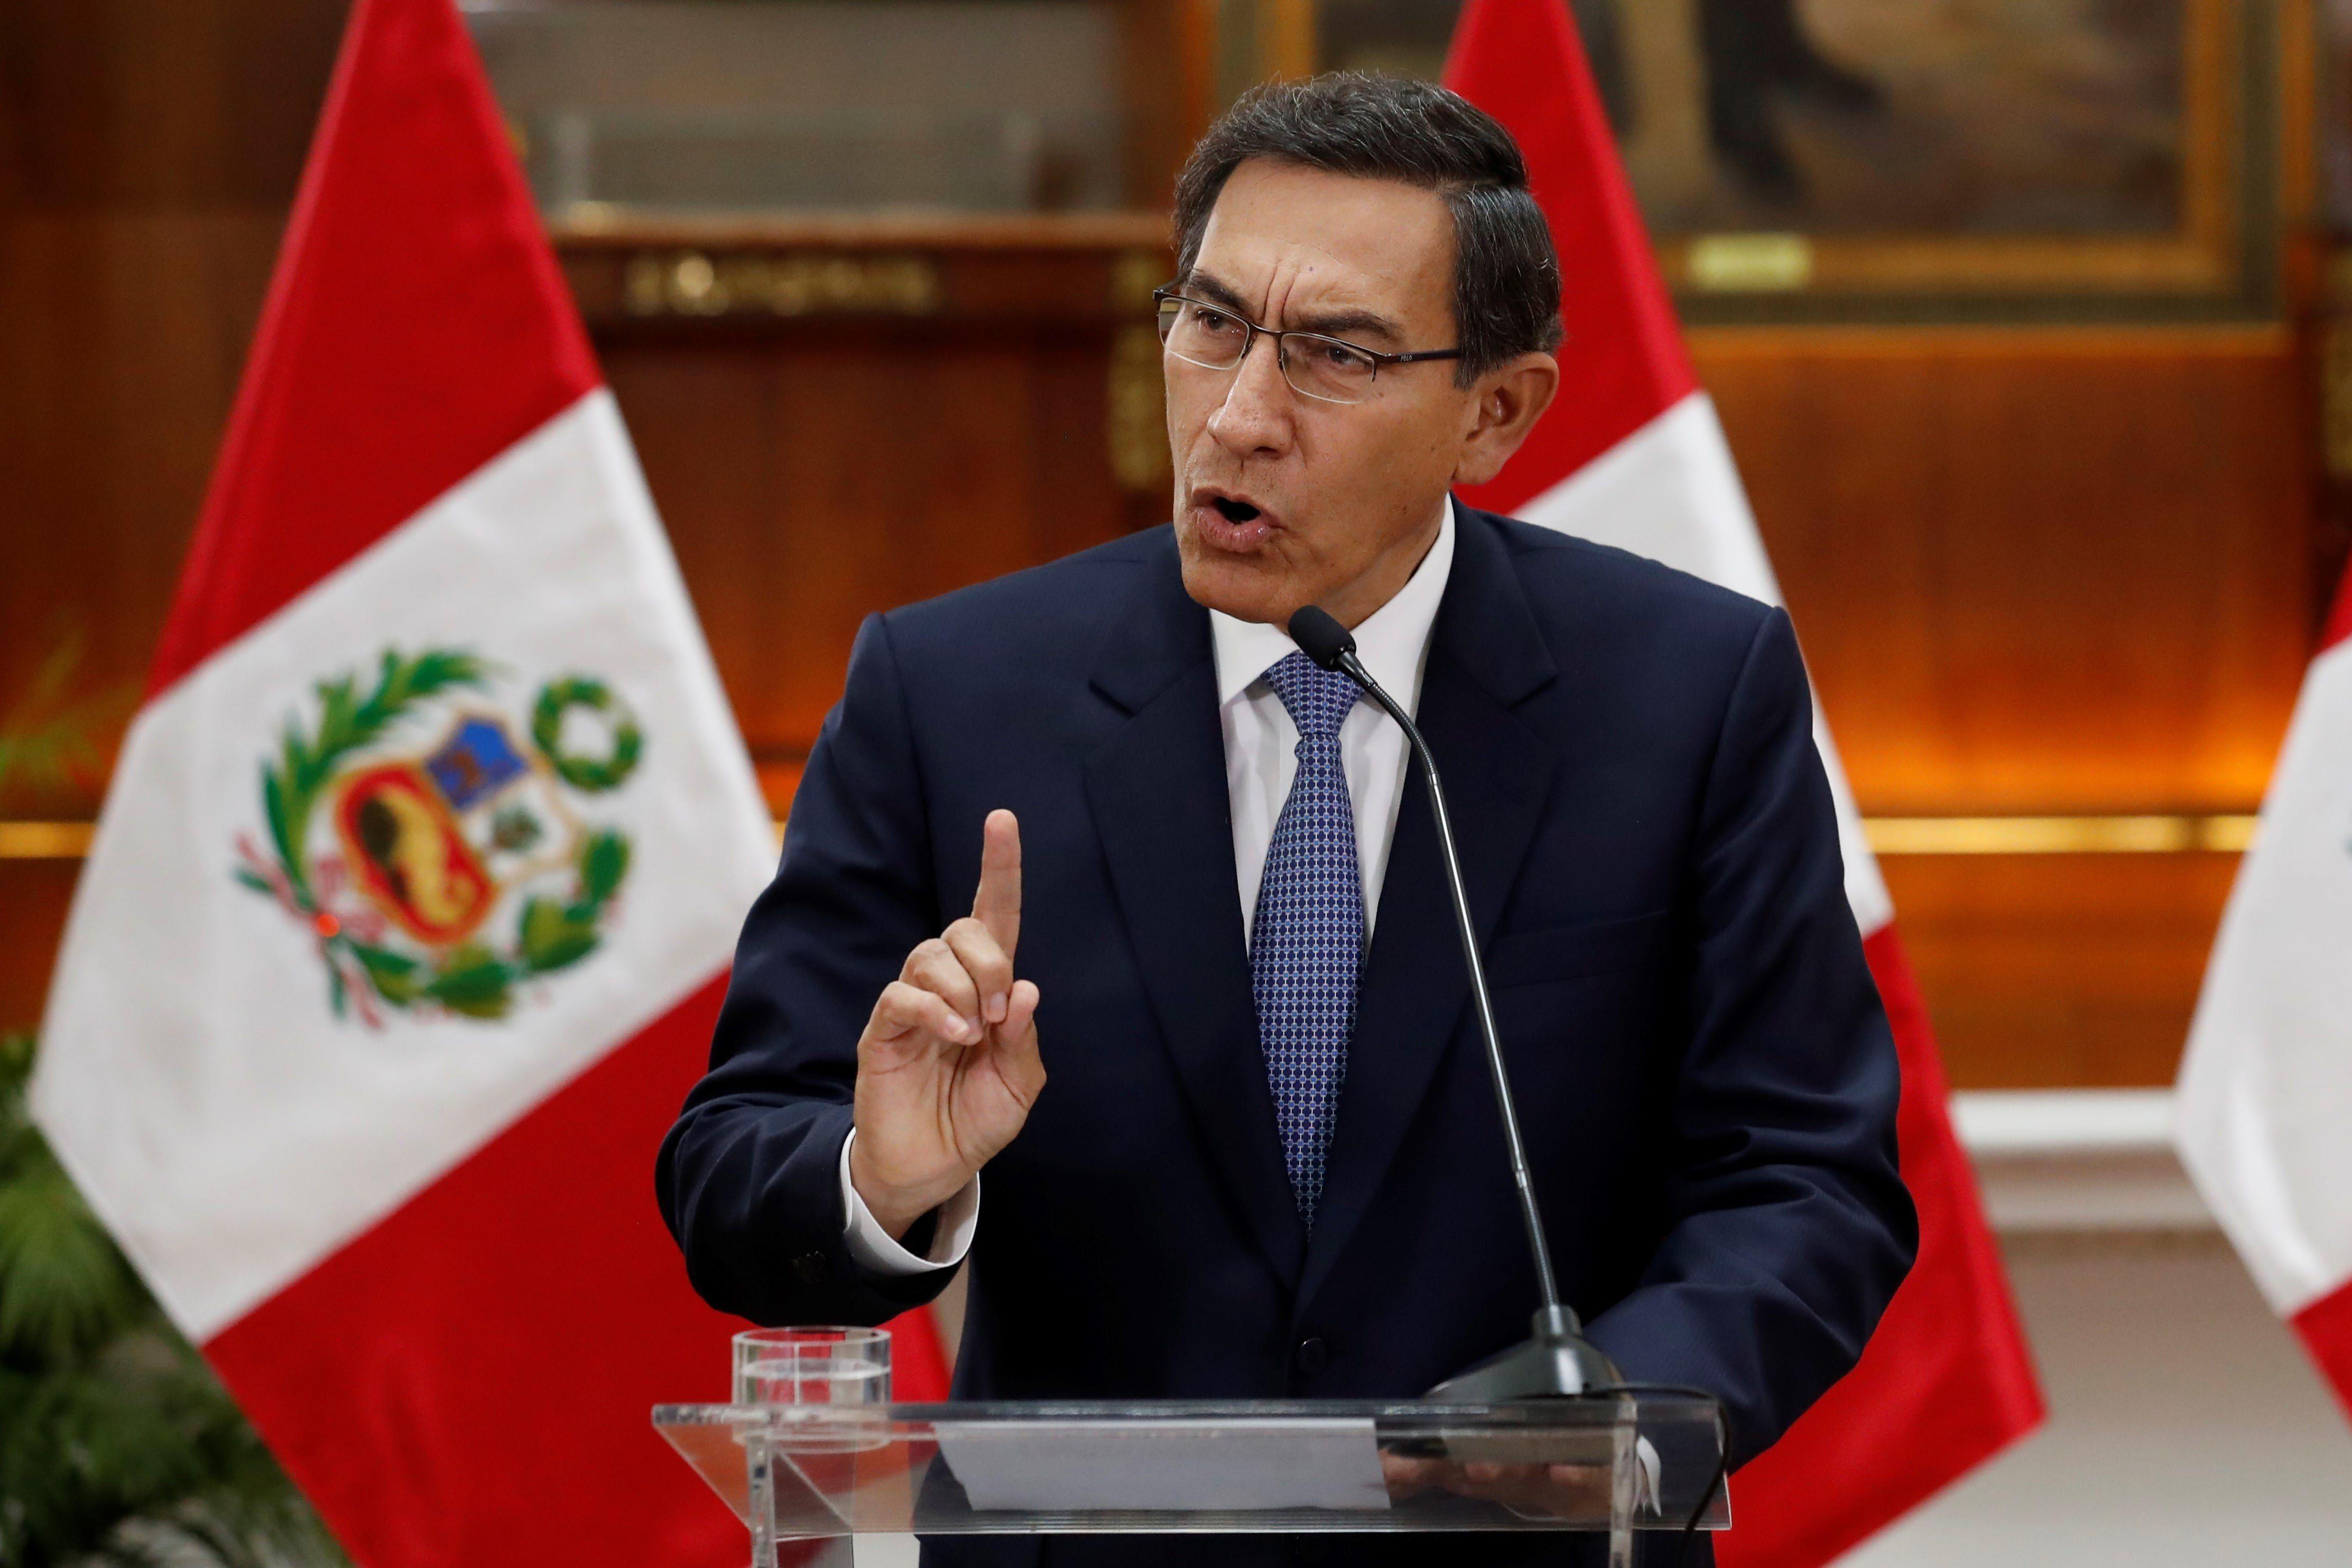 En la imagen, el expresidente peruano Martín Vizcarra. EFE/Paolo Aguilar/Archivo